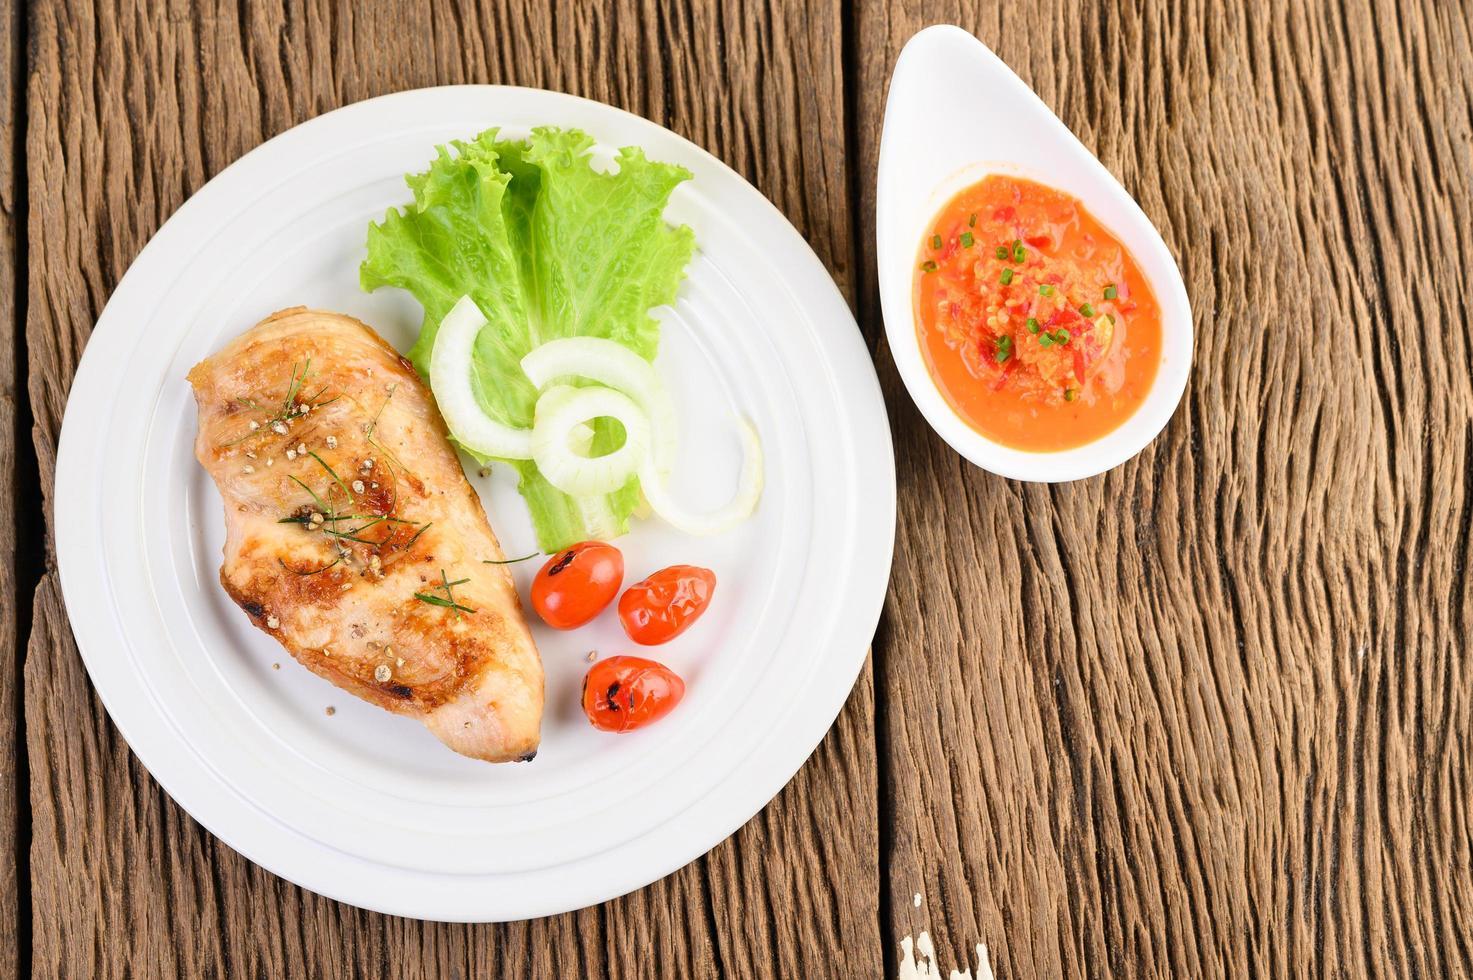 Pollo a la parrilla sobre una mesa de madera con tomate, ensalada, cebolla y salsa de chile foto